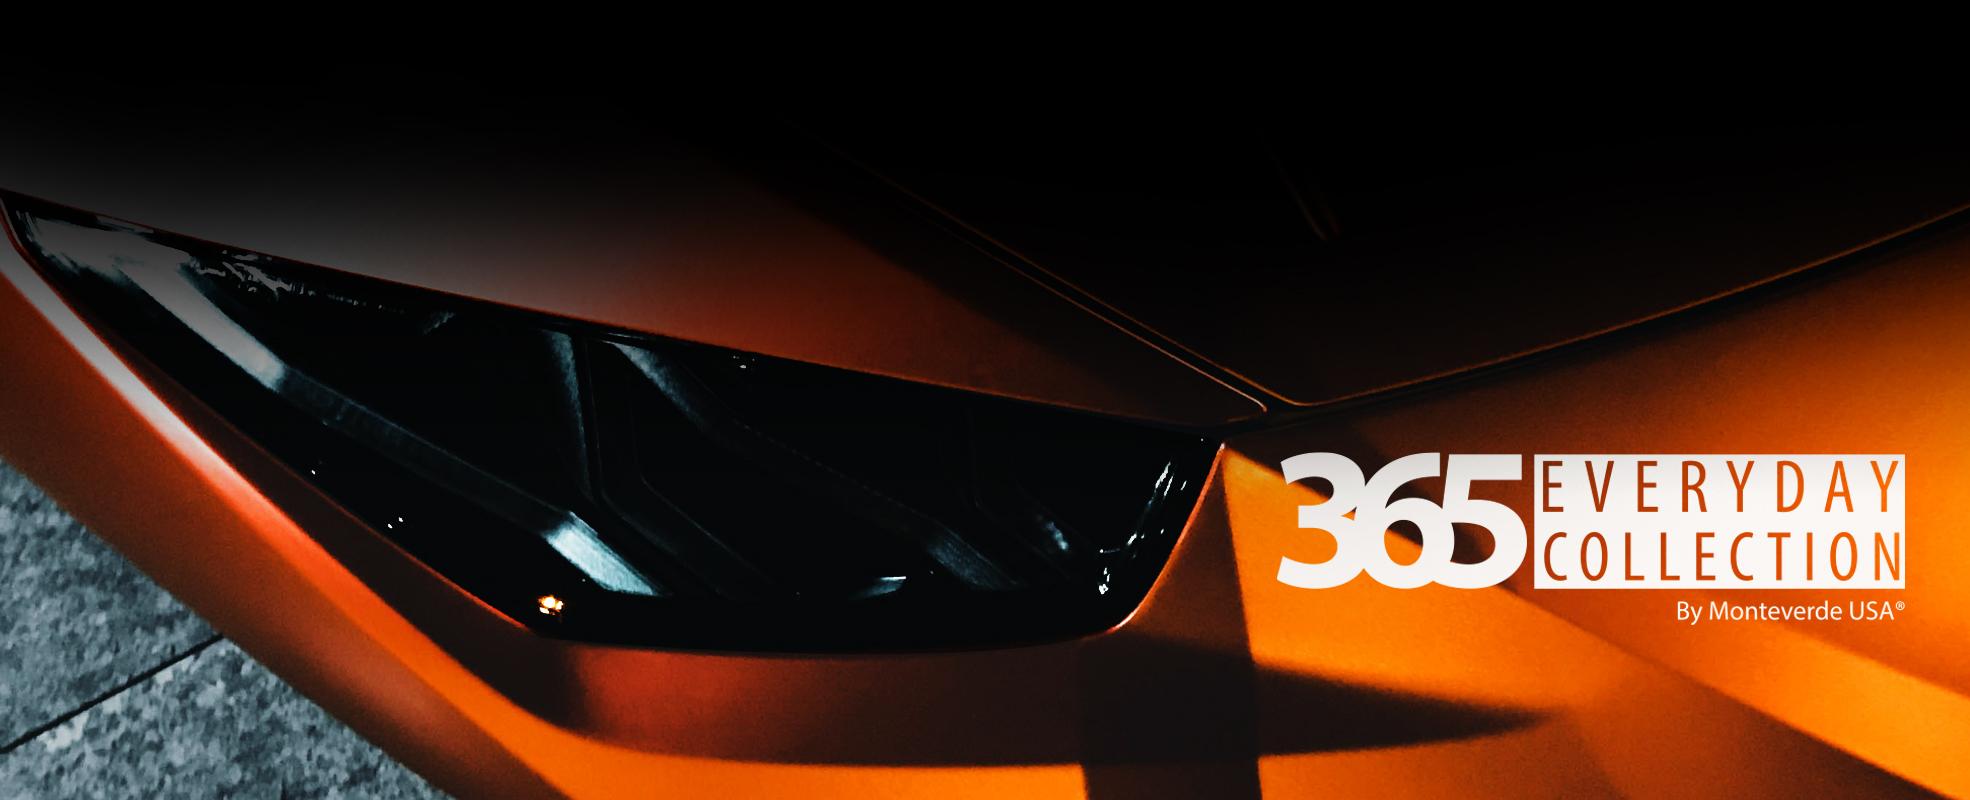 365-banner-new.jpg